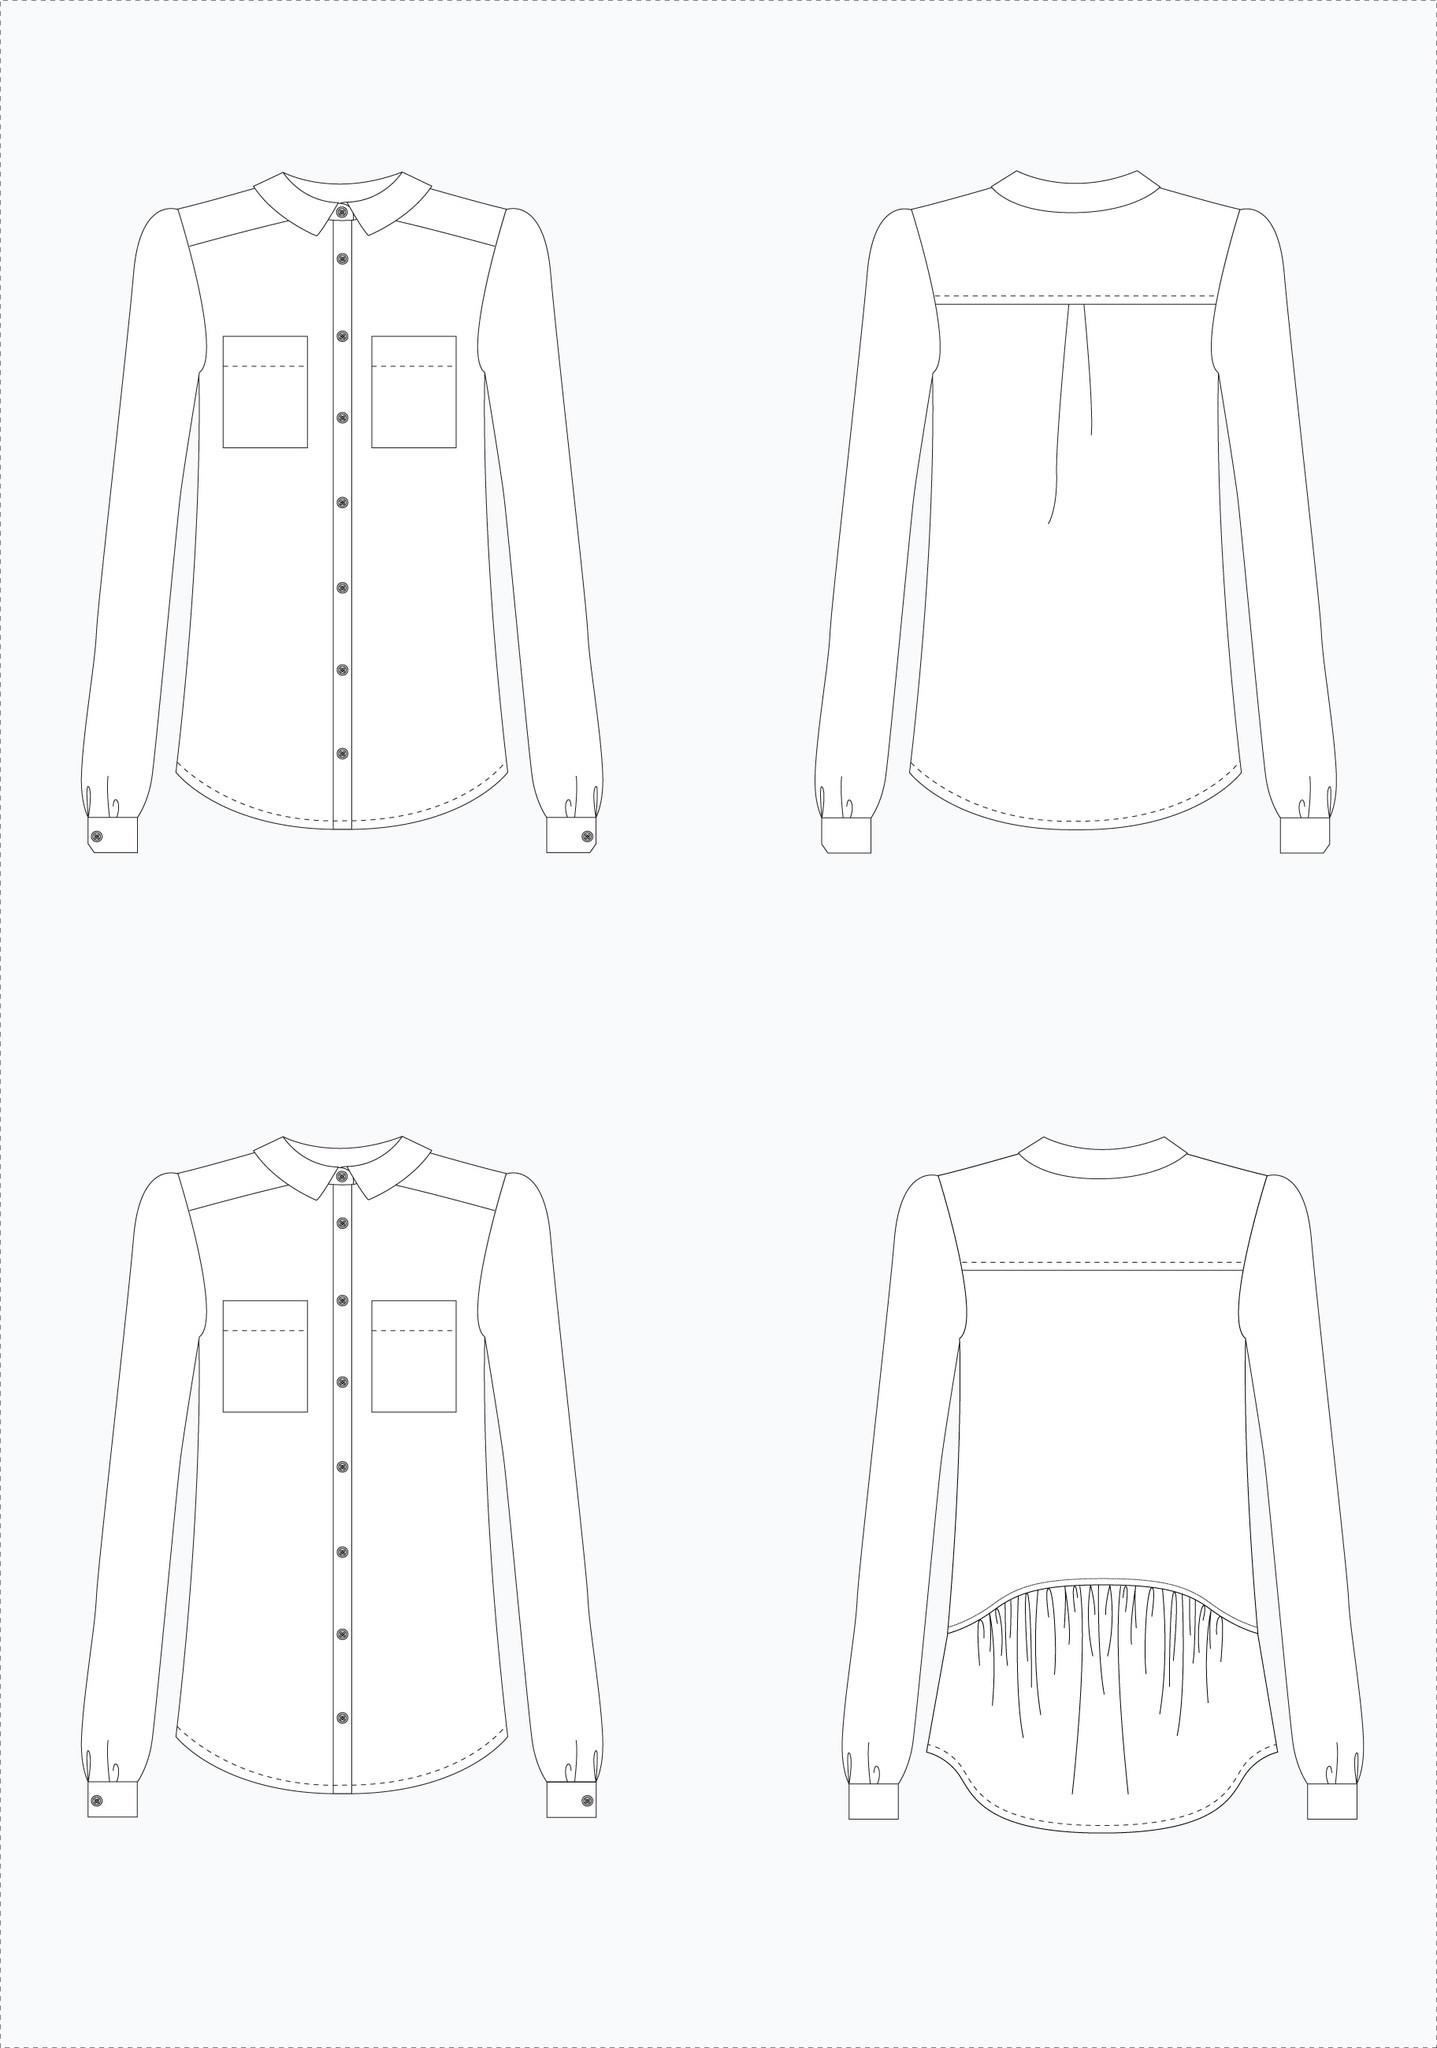 Schnittmuster Grainline Archer Shirt